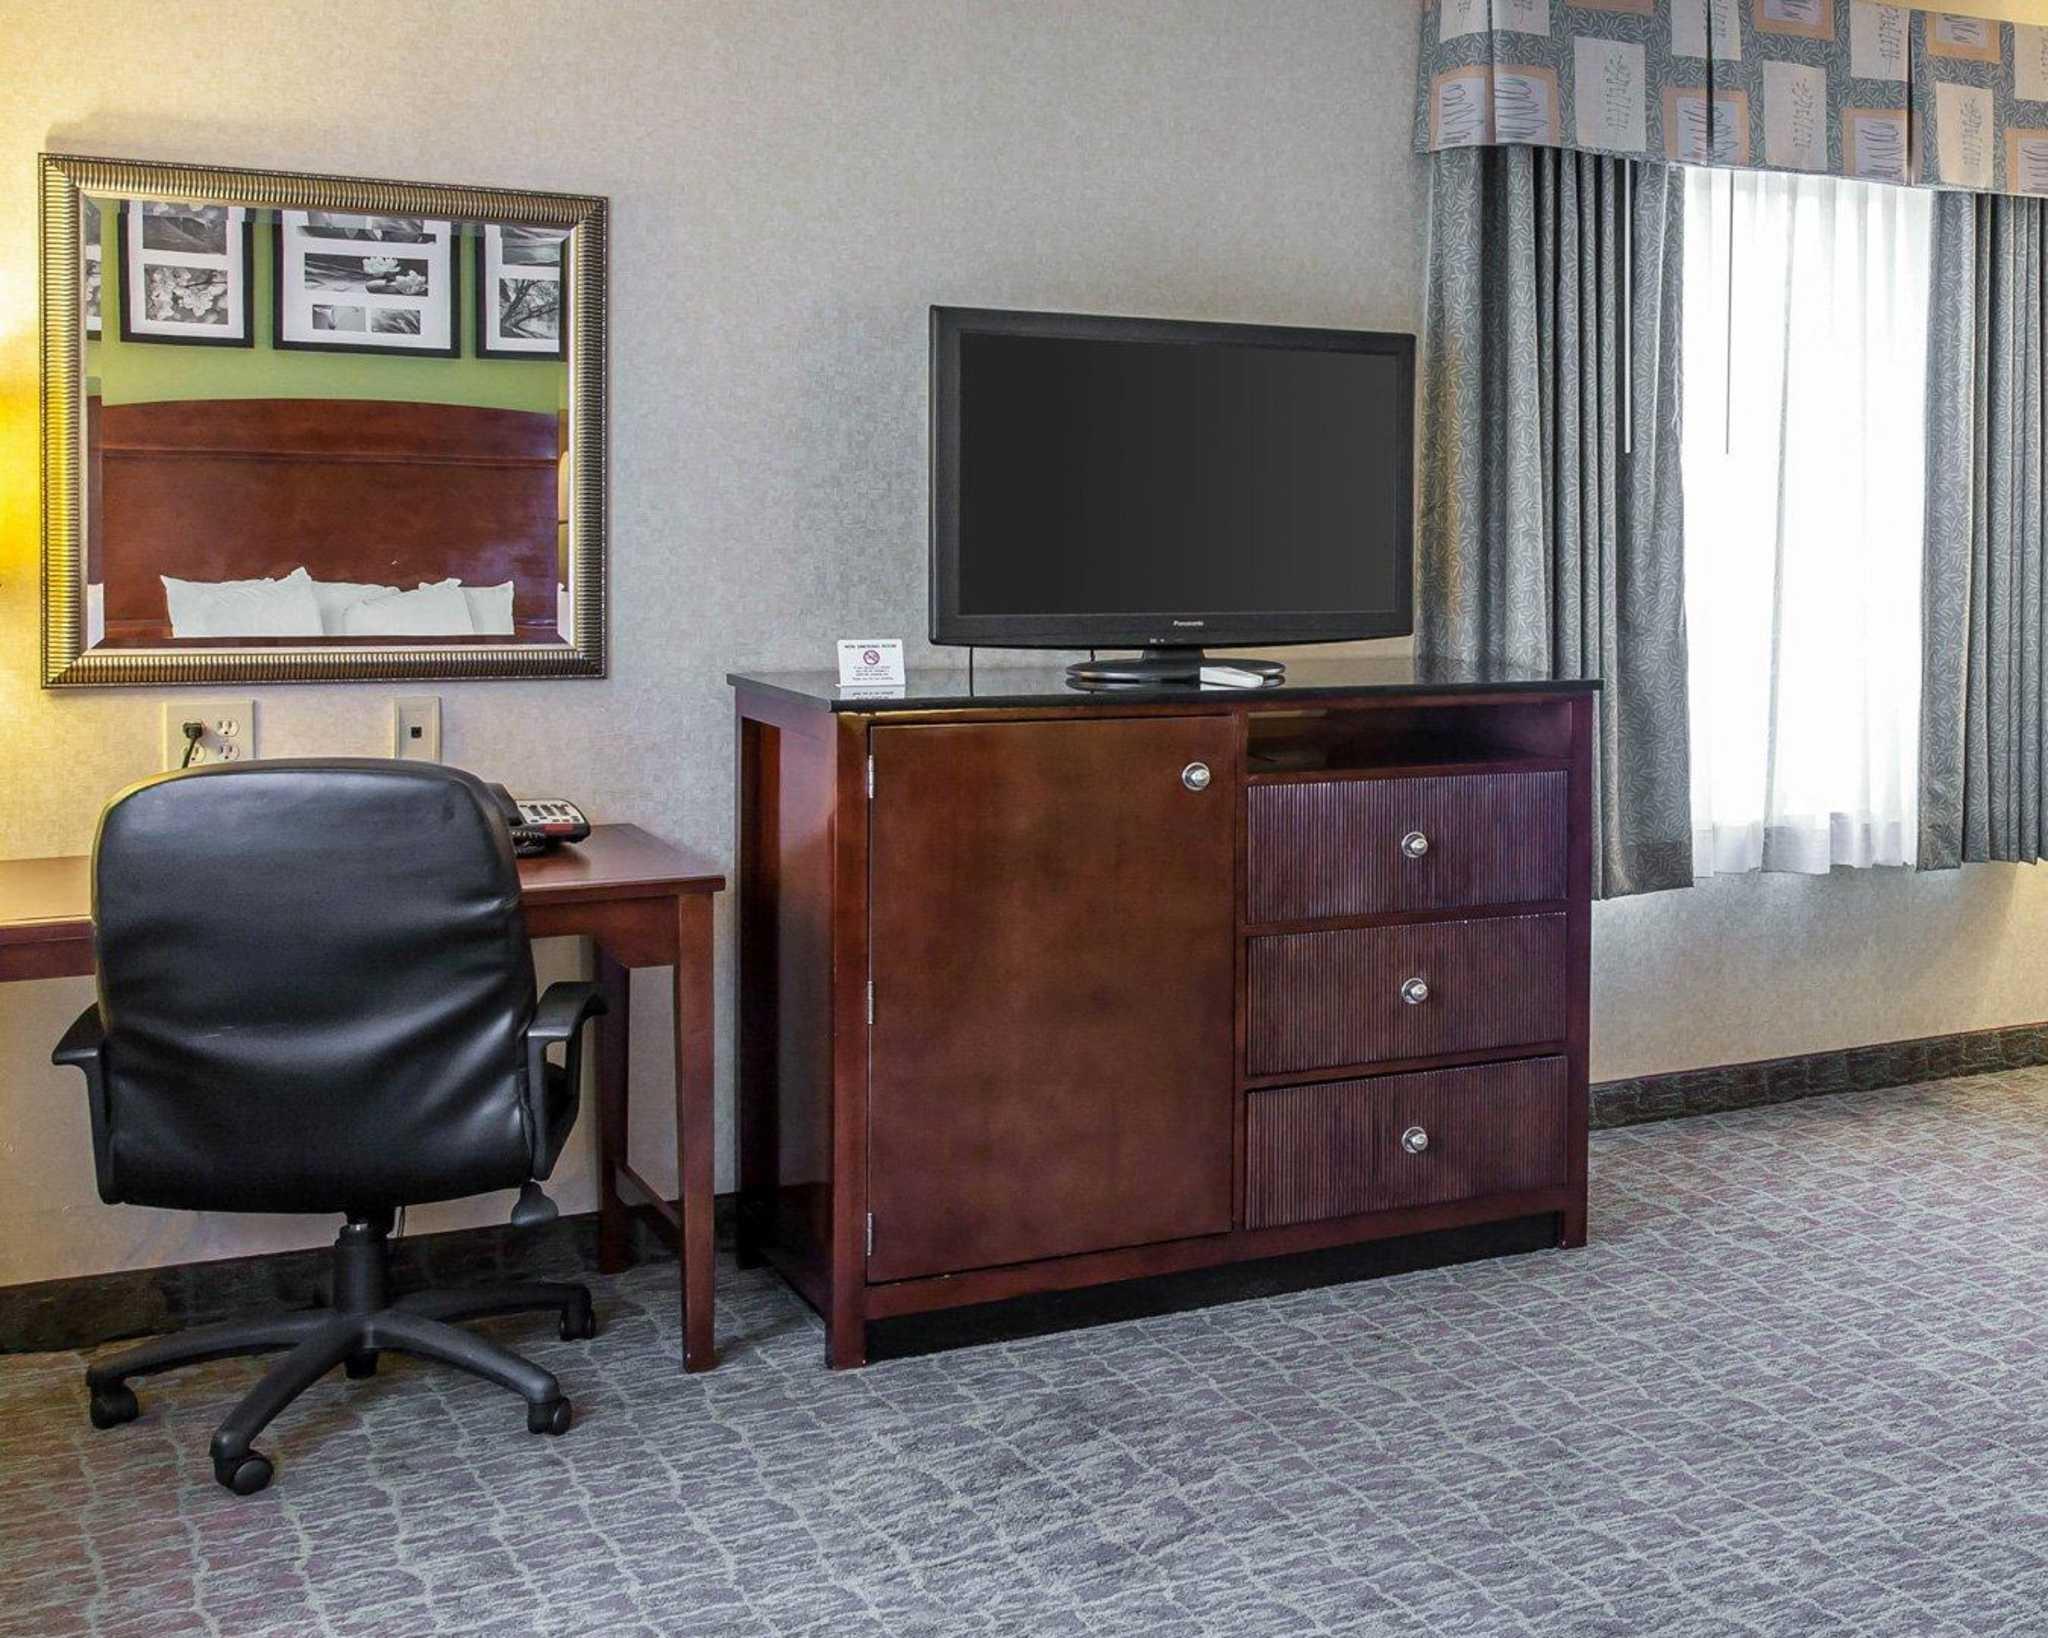 Sleep Inn & Suites Upper Marlboro near Andrews AFB image 10